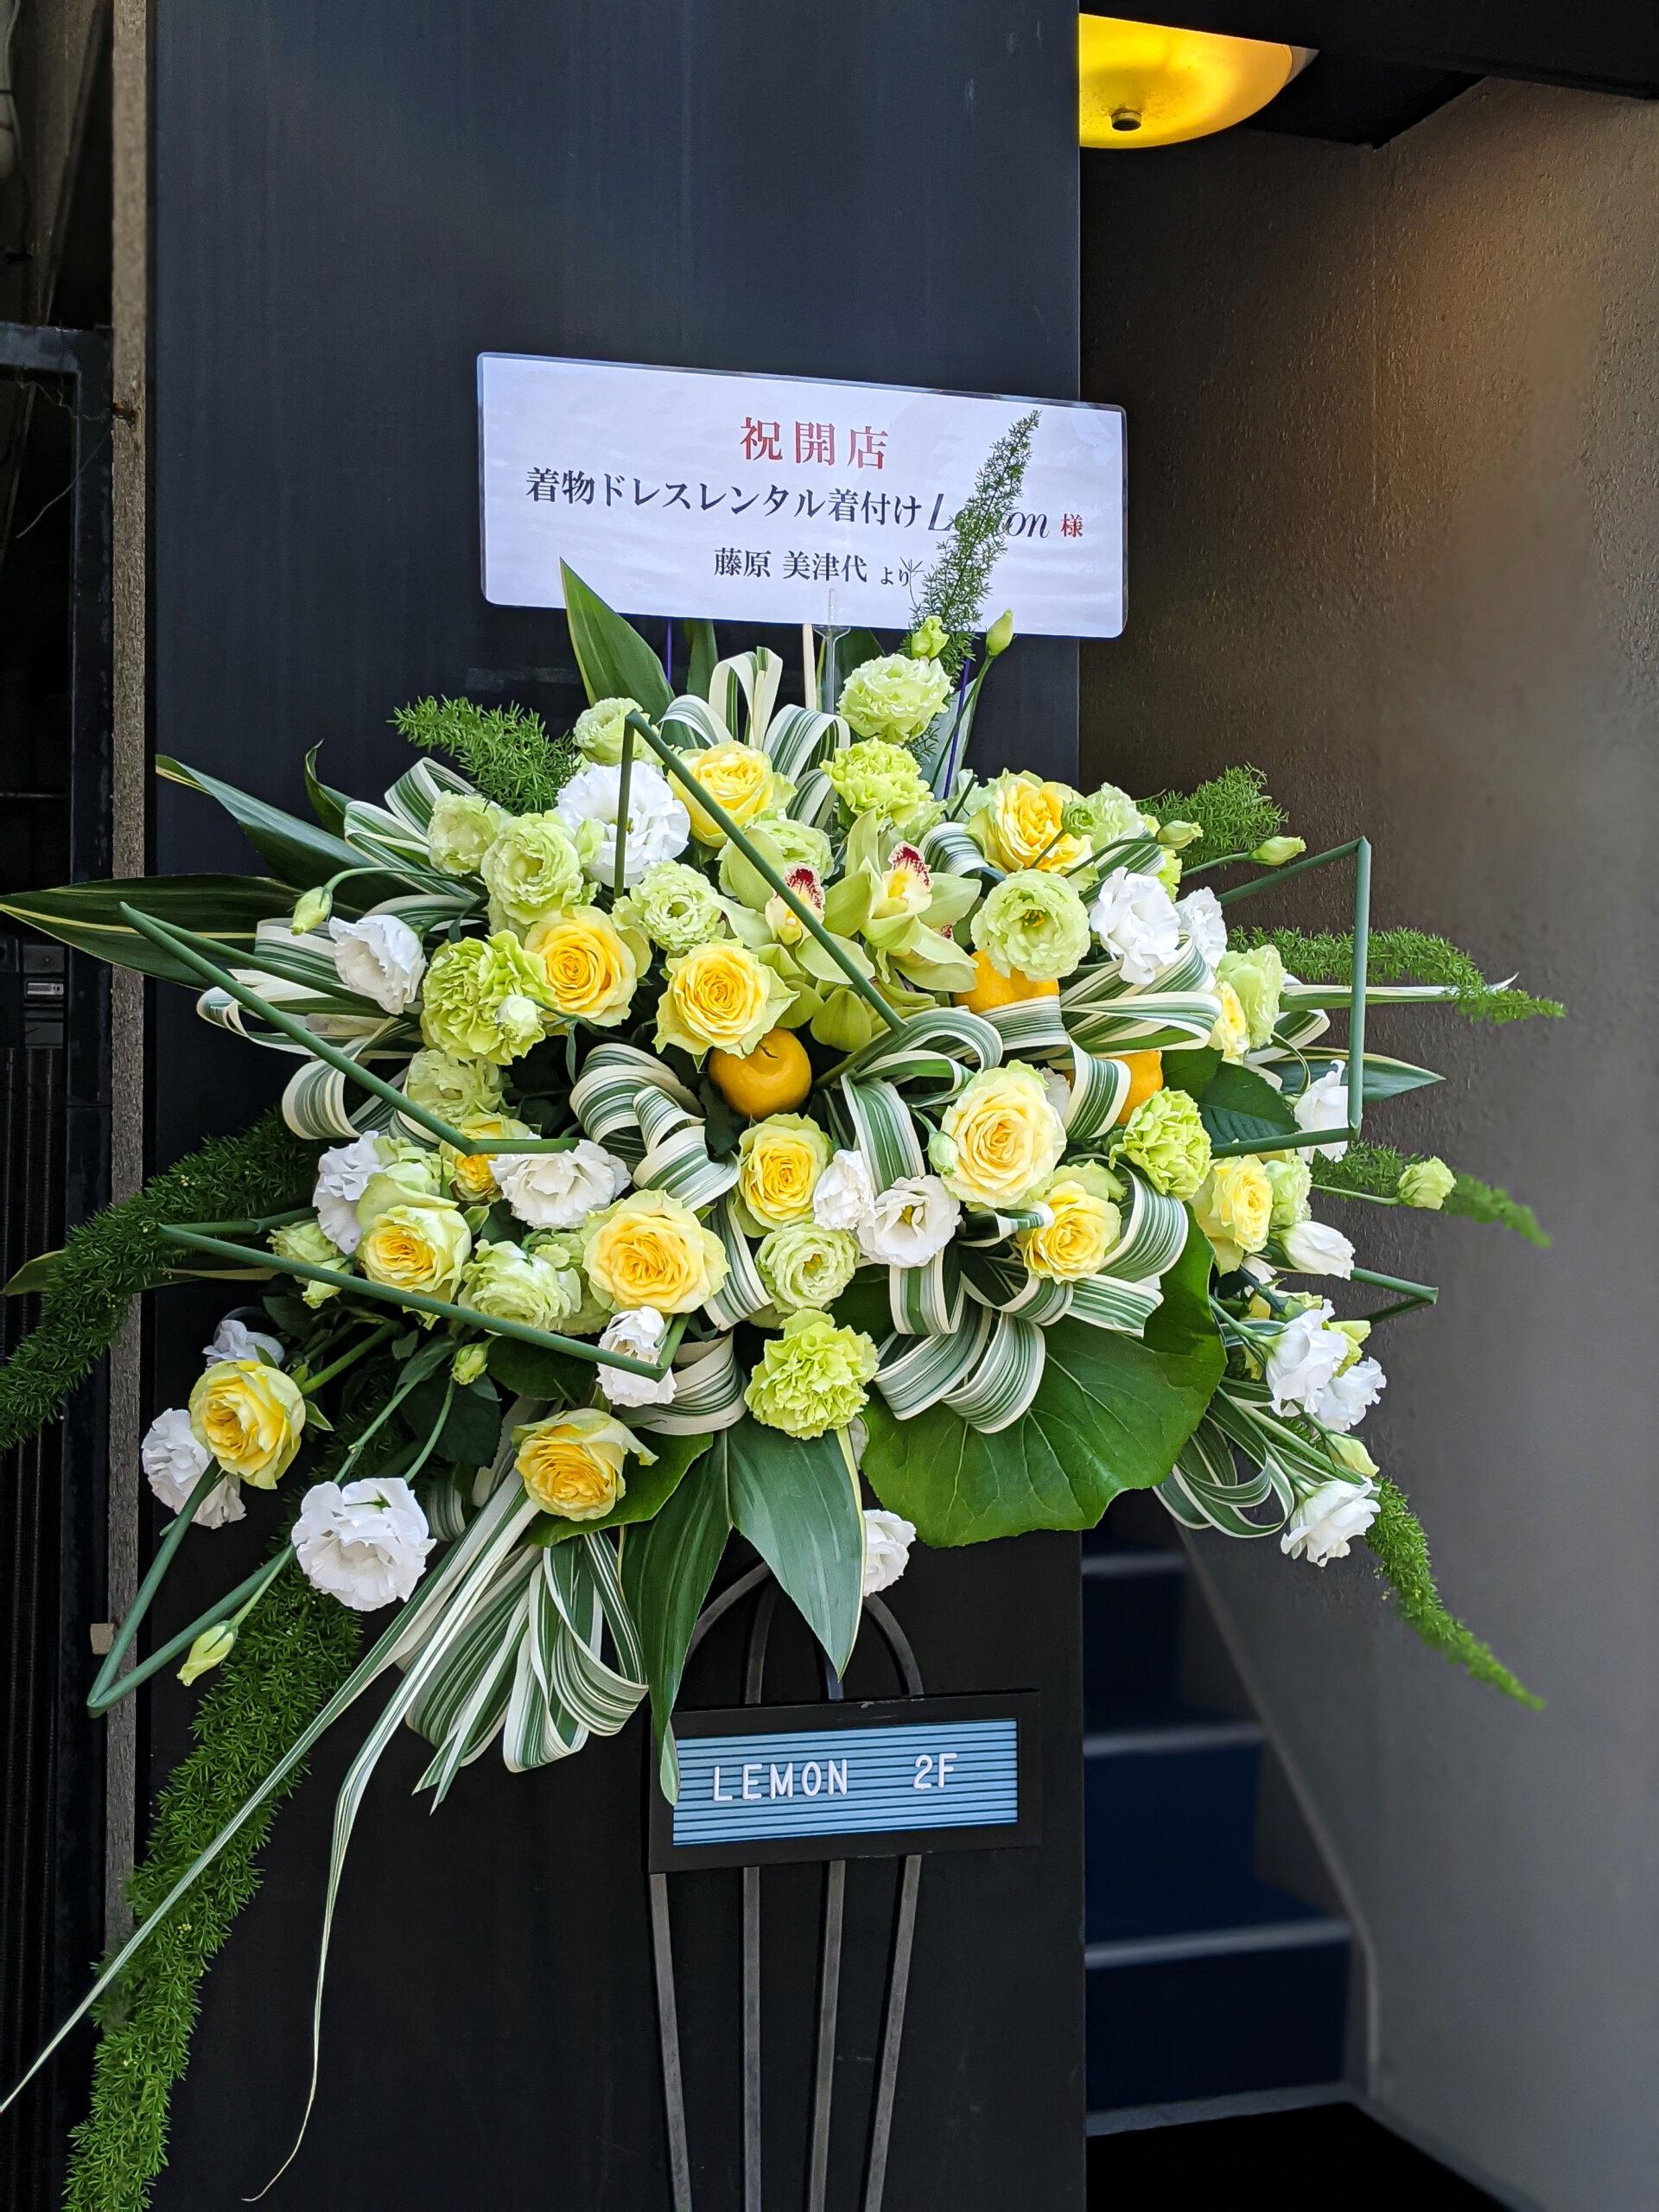 黄色のバラが美しいフラワーアレンジメント